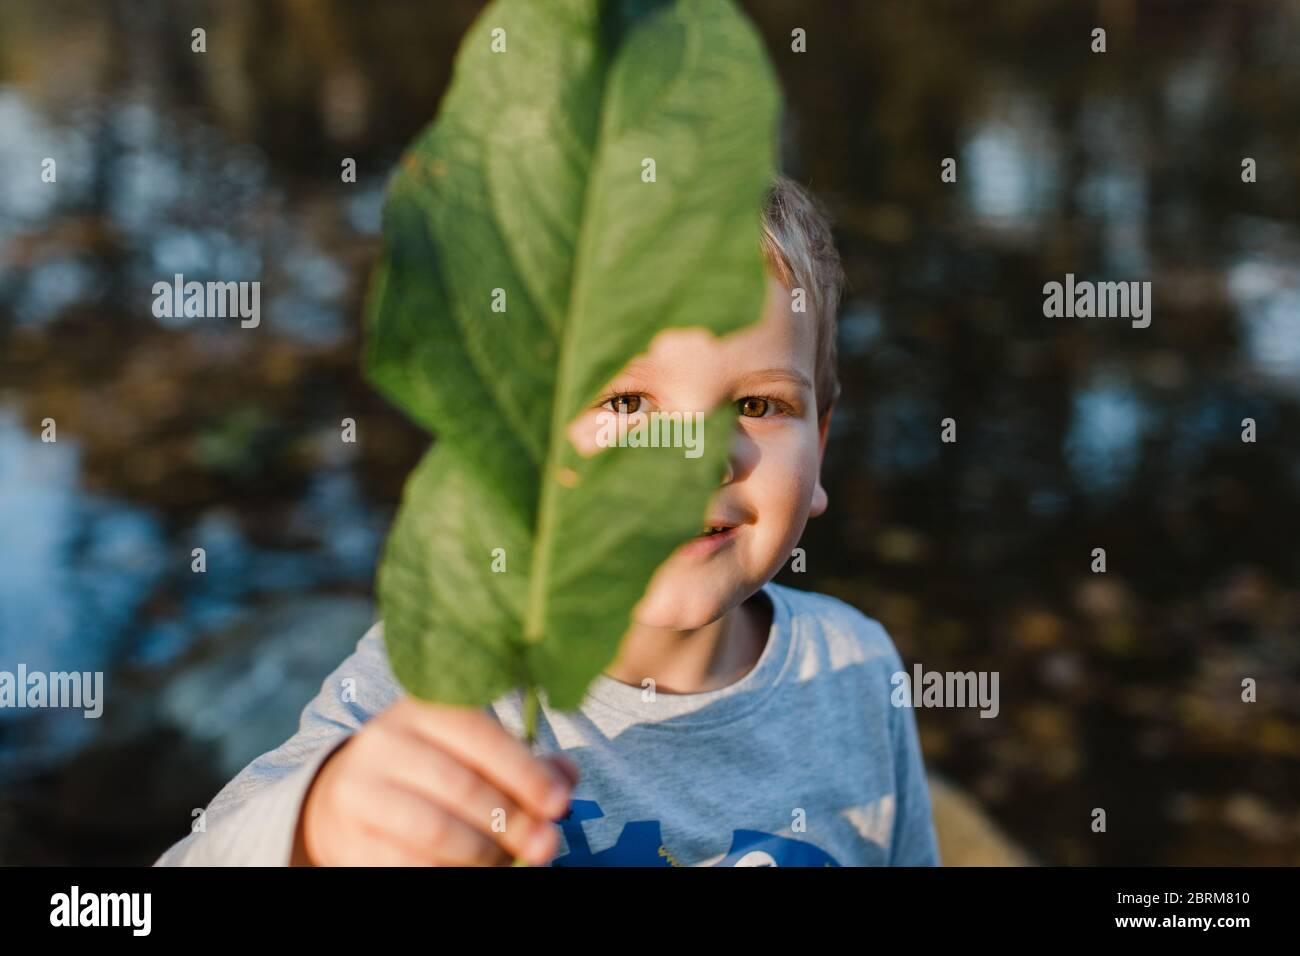 Porträt des jungen Jungen mit grünen Blatt. Nettes Kind, das grünes Blatt vor dem Gesicht hält und die Kamera anschaut. Stockfoto